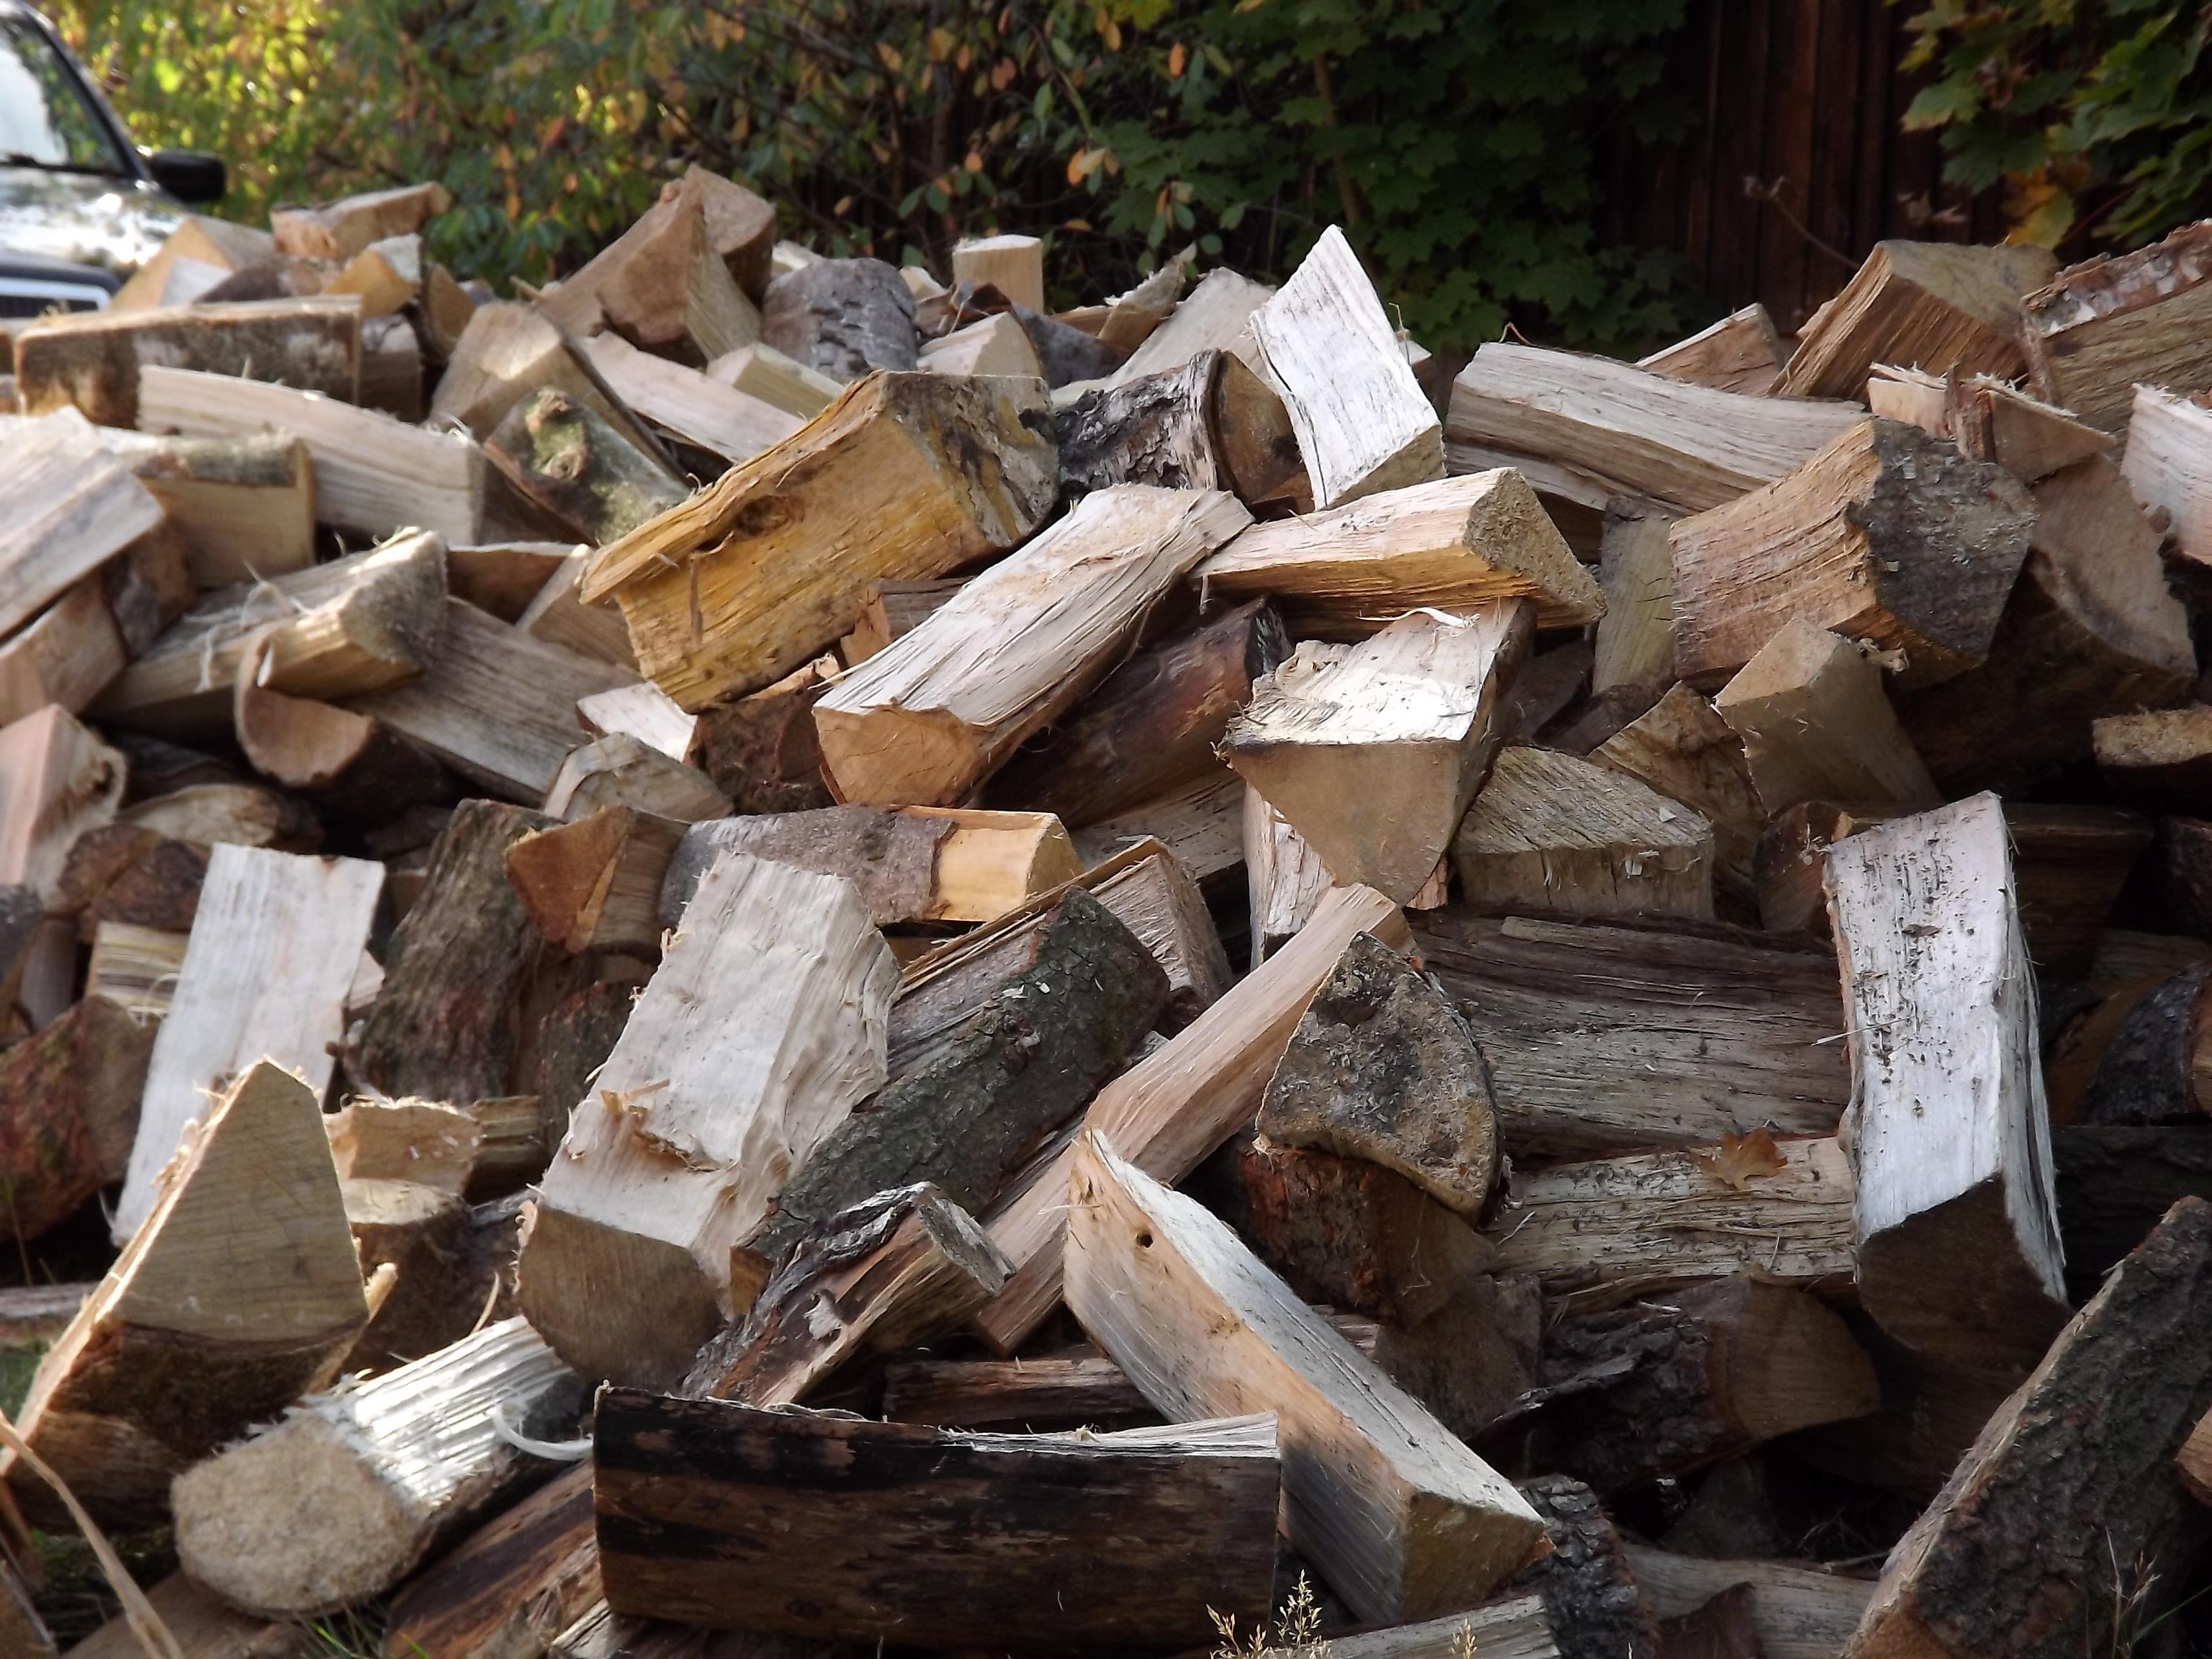 8014-holz-brennholz-scheite